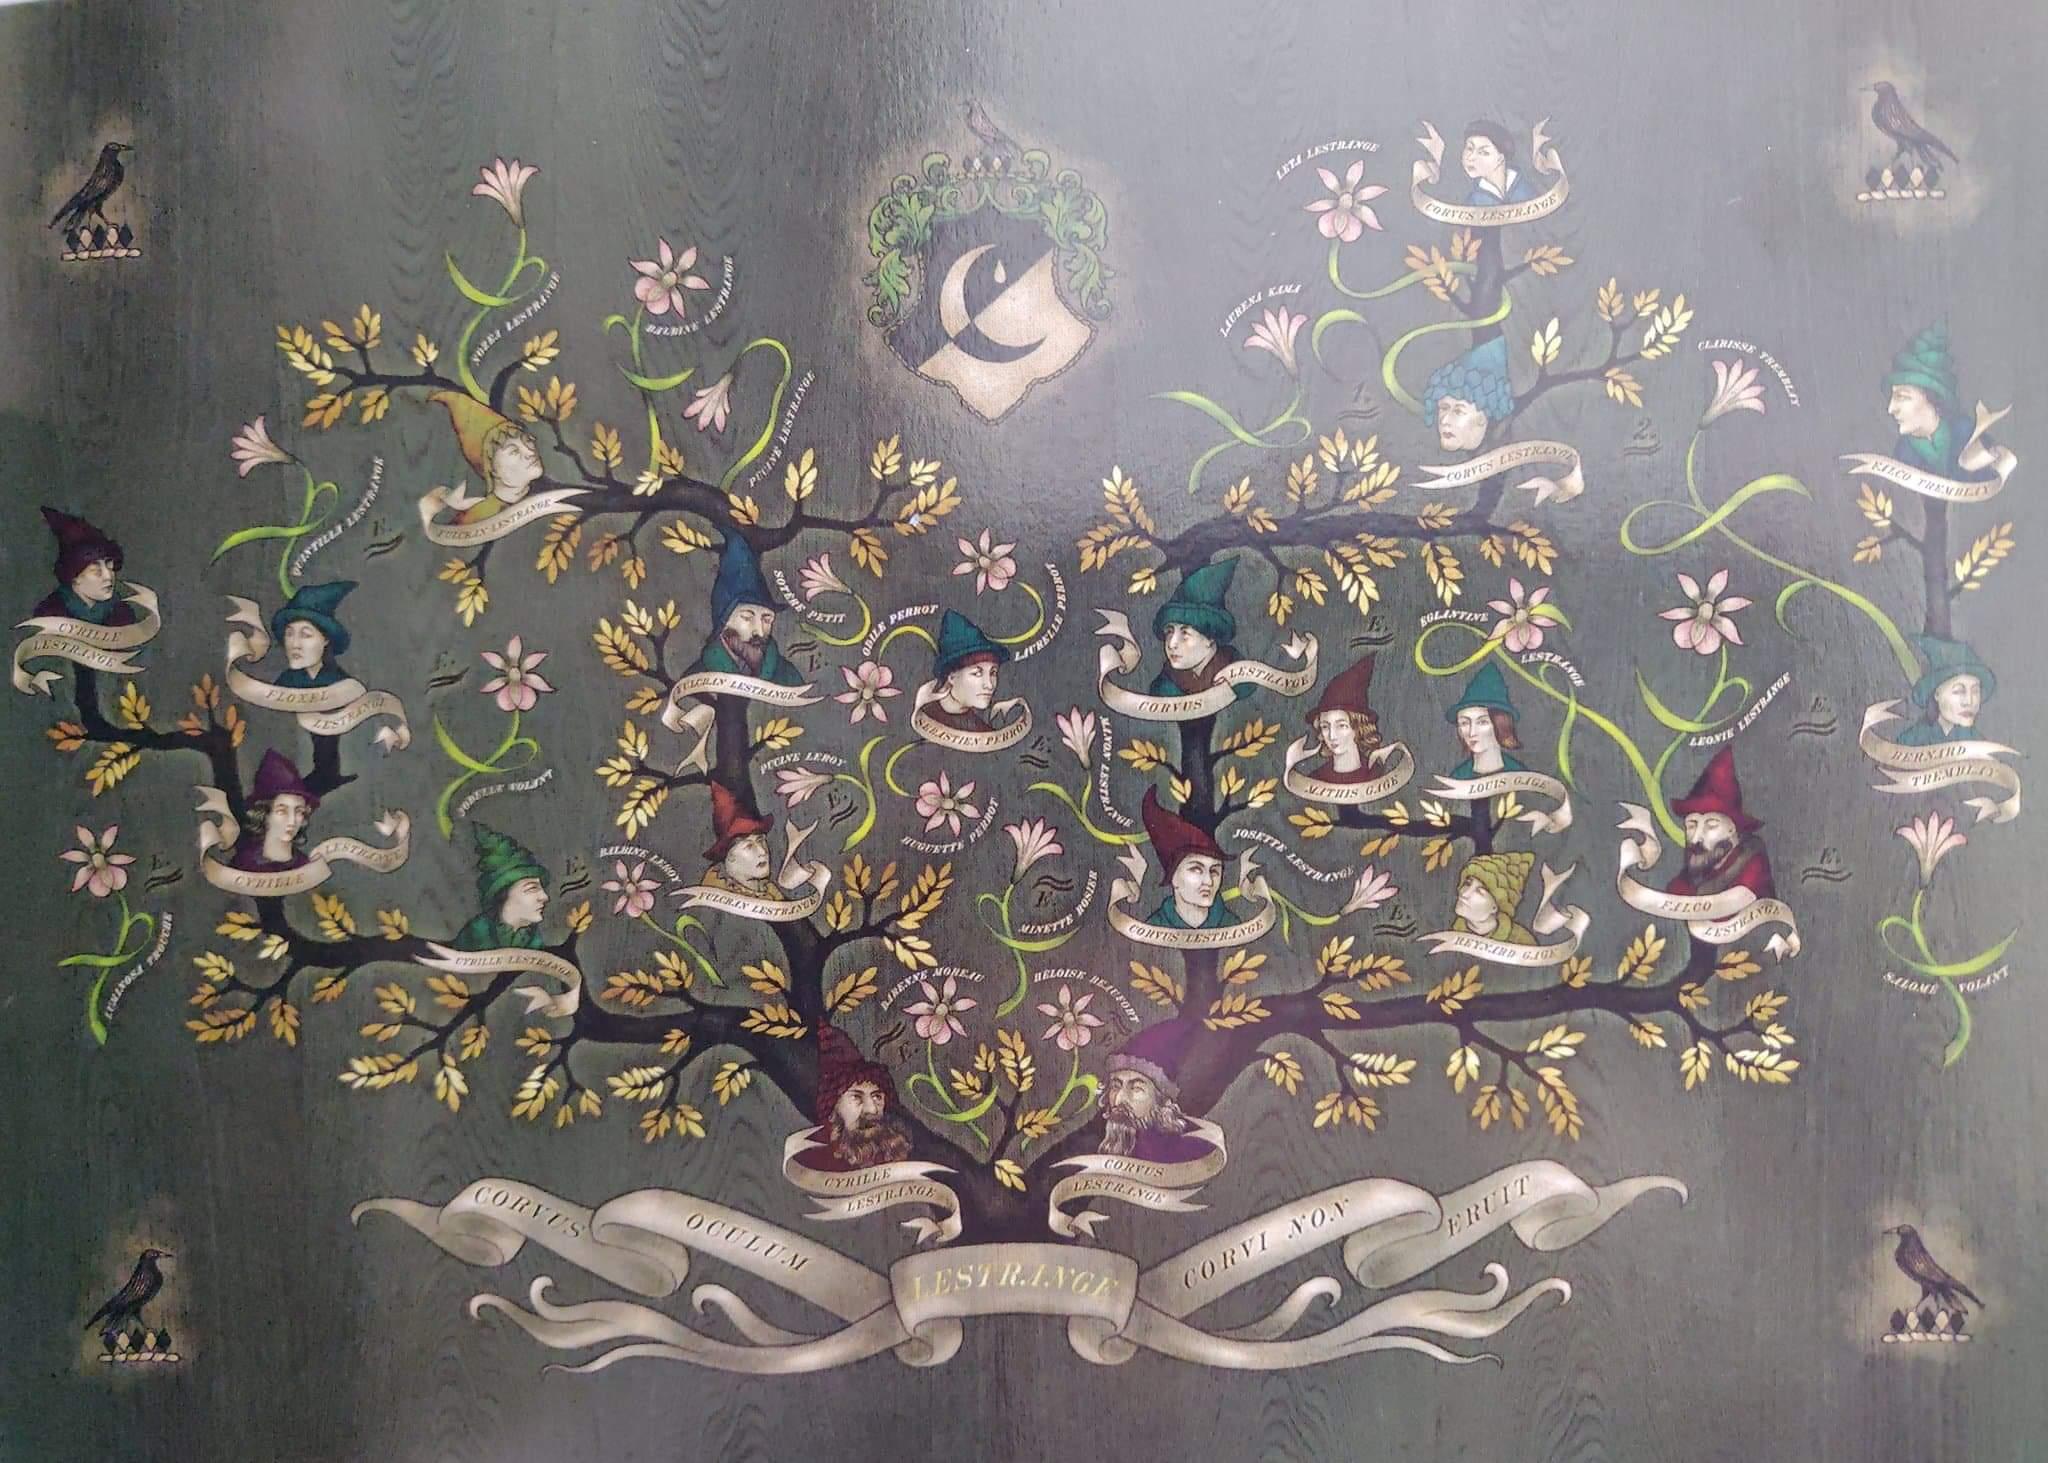 lestrange_arbre_genealogique_minalima.jpg